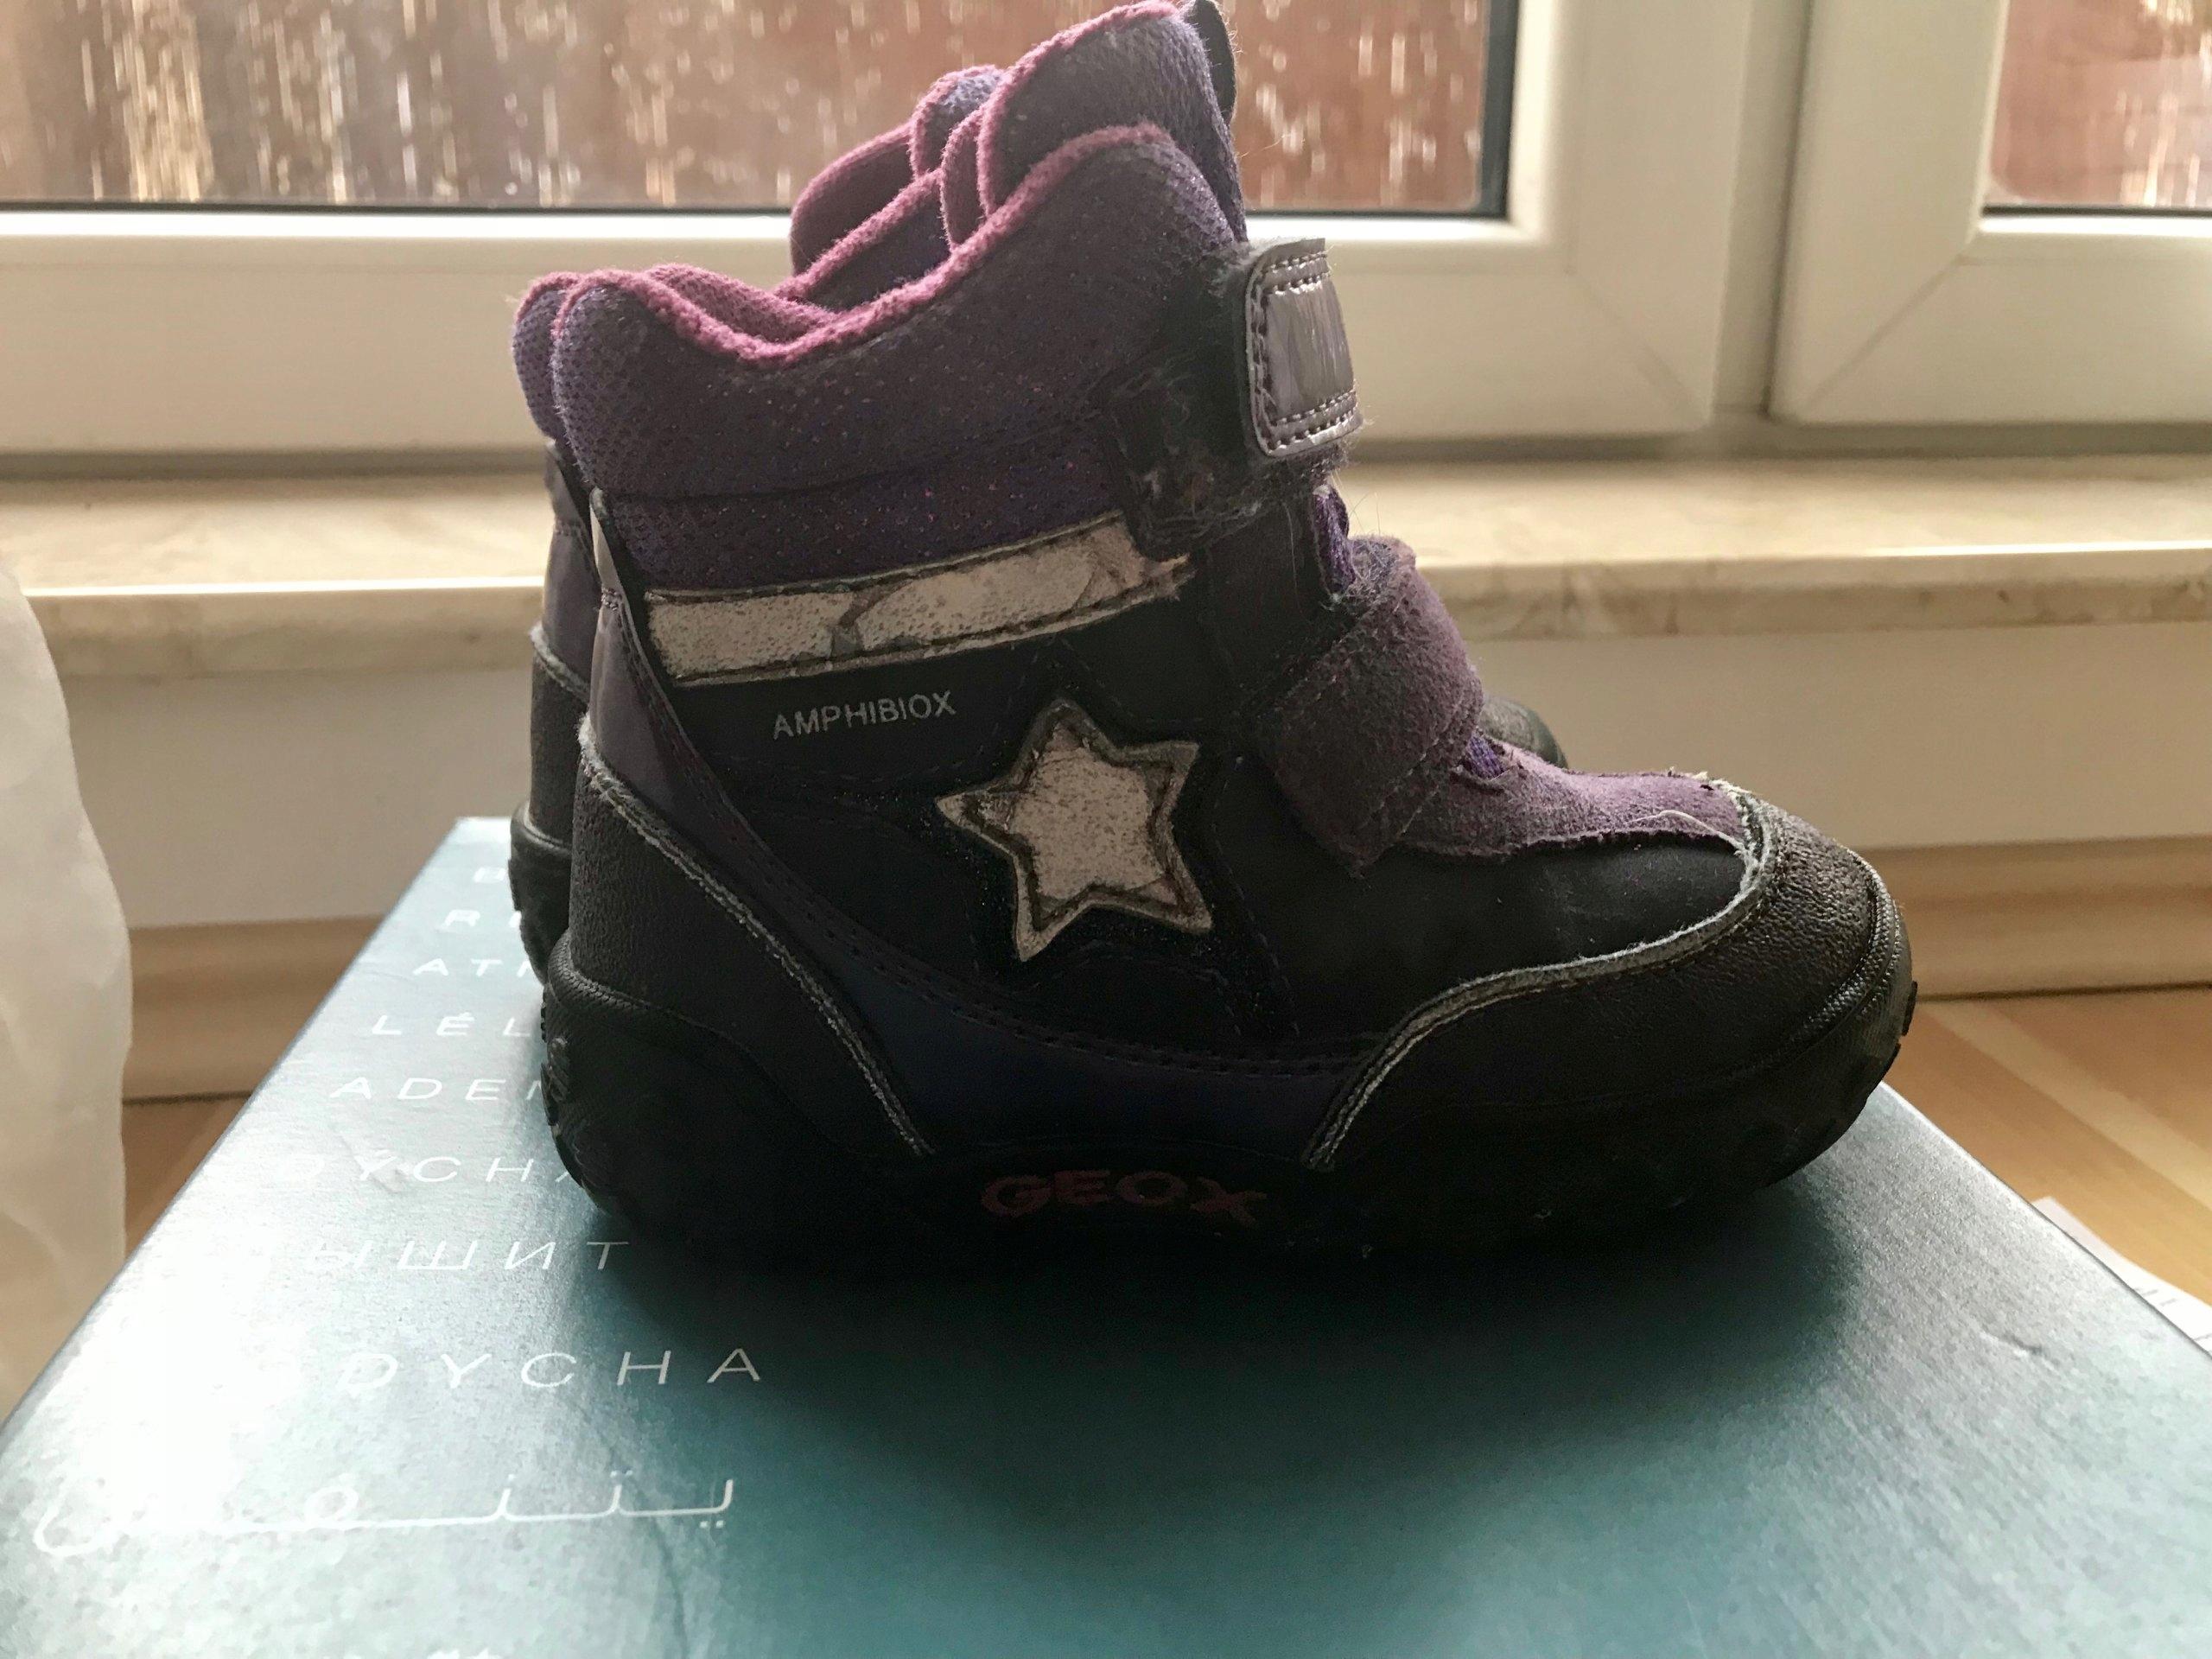 0043b39cf4e2b Zimowe buty Geox dla dziewczynki roz. 24 - 7144311435 - oficjalne ...